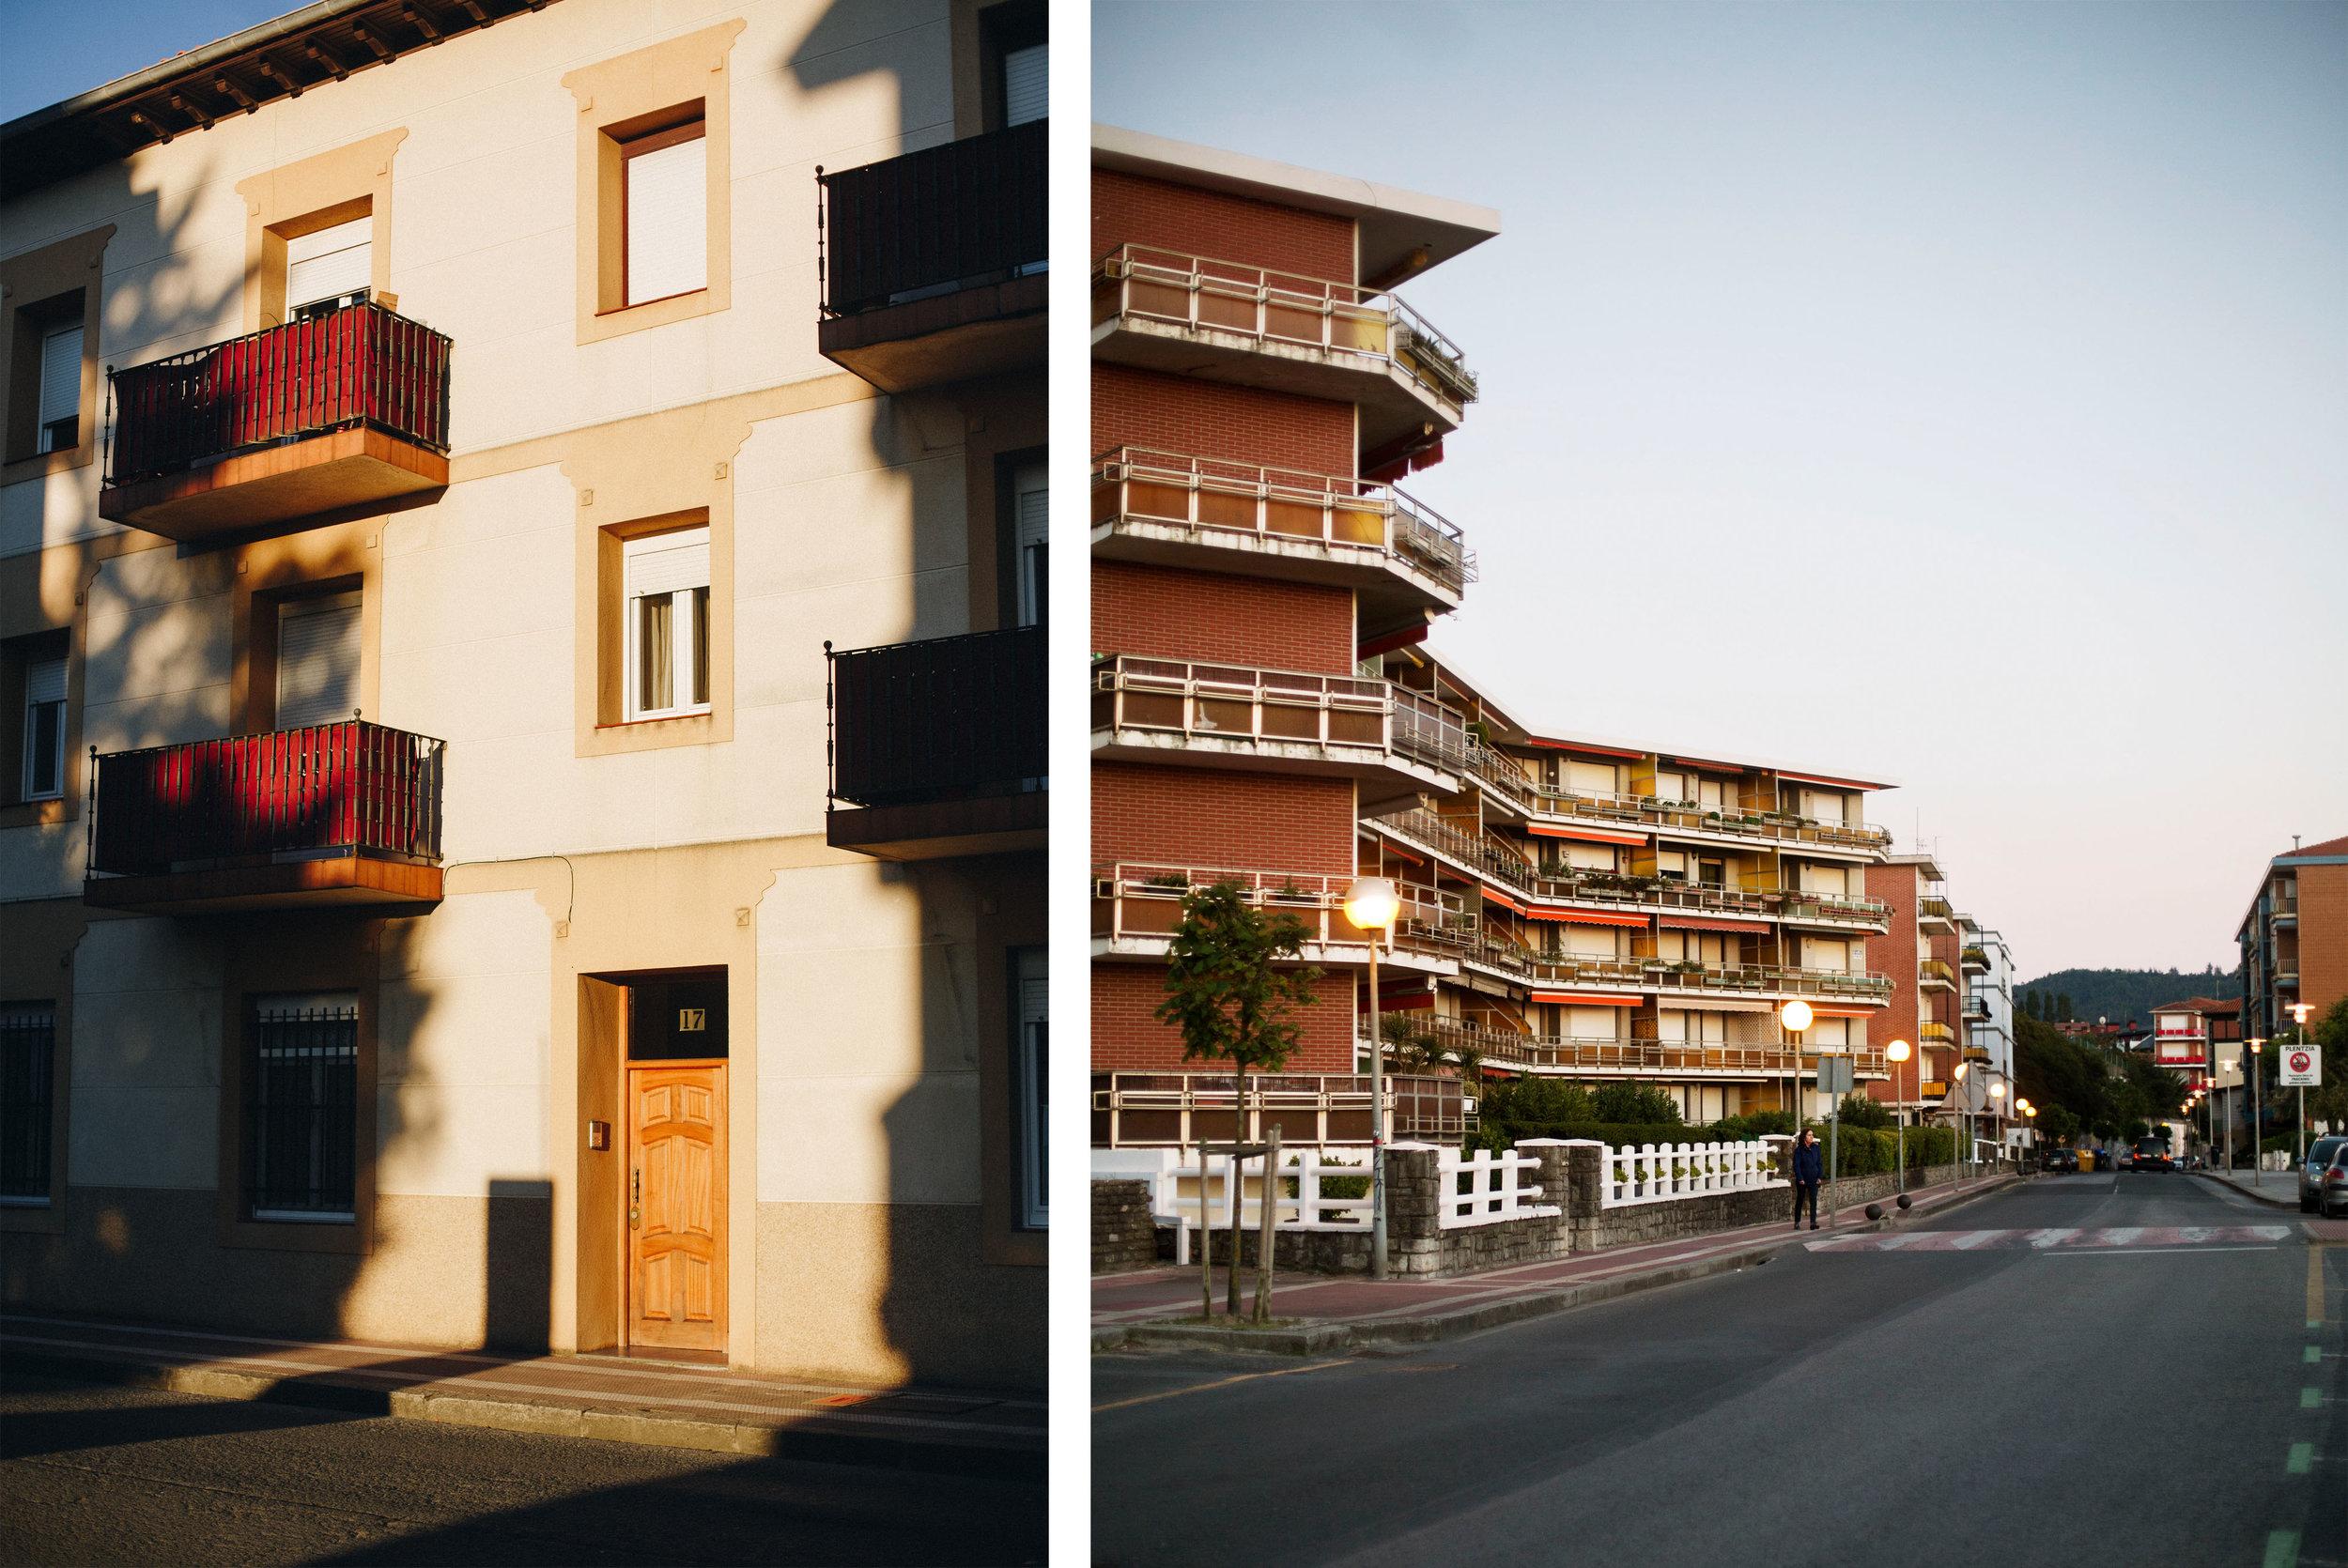 Bilbao1.jpg